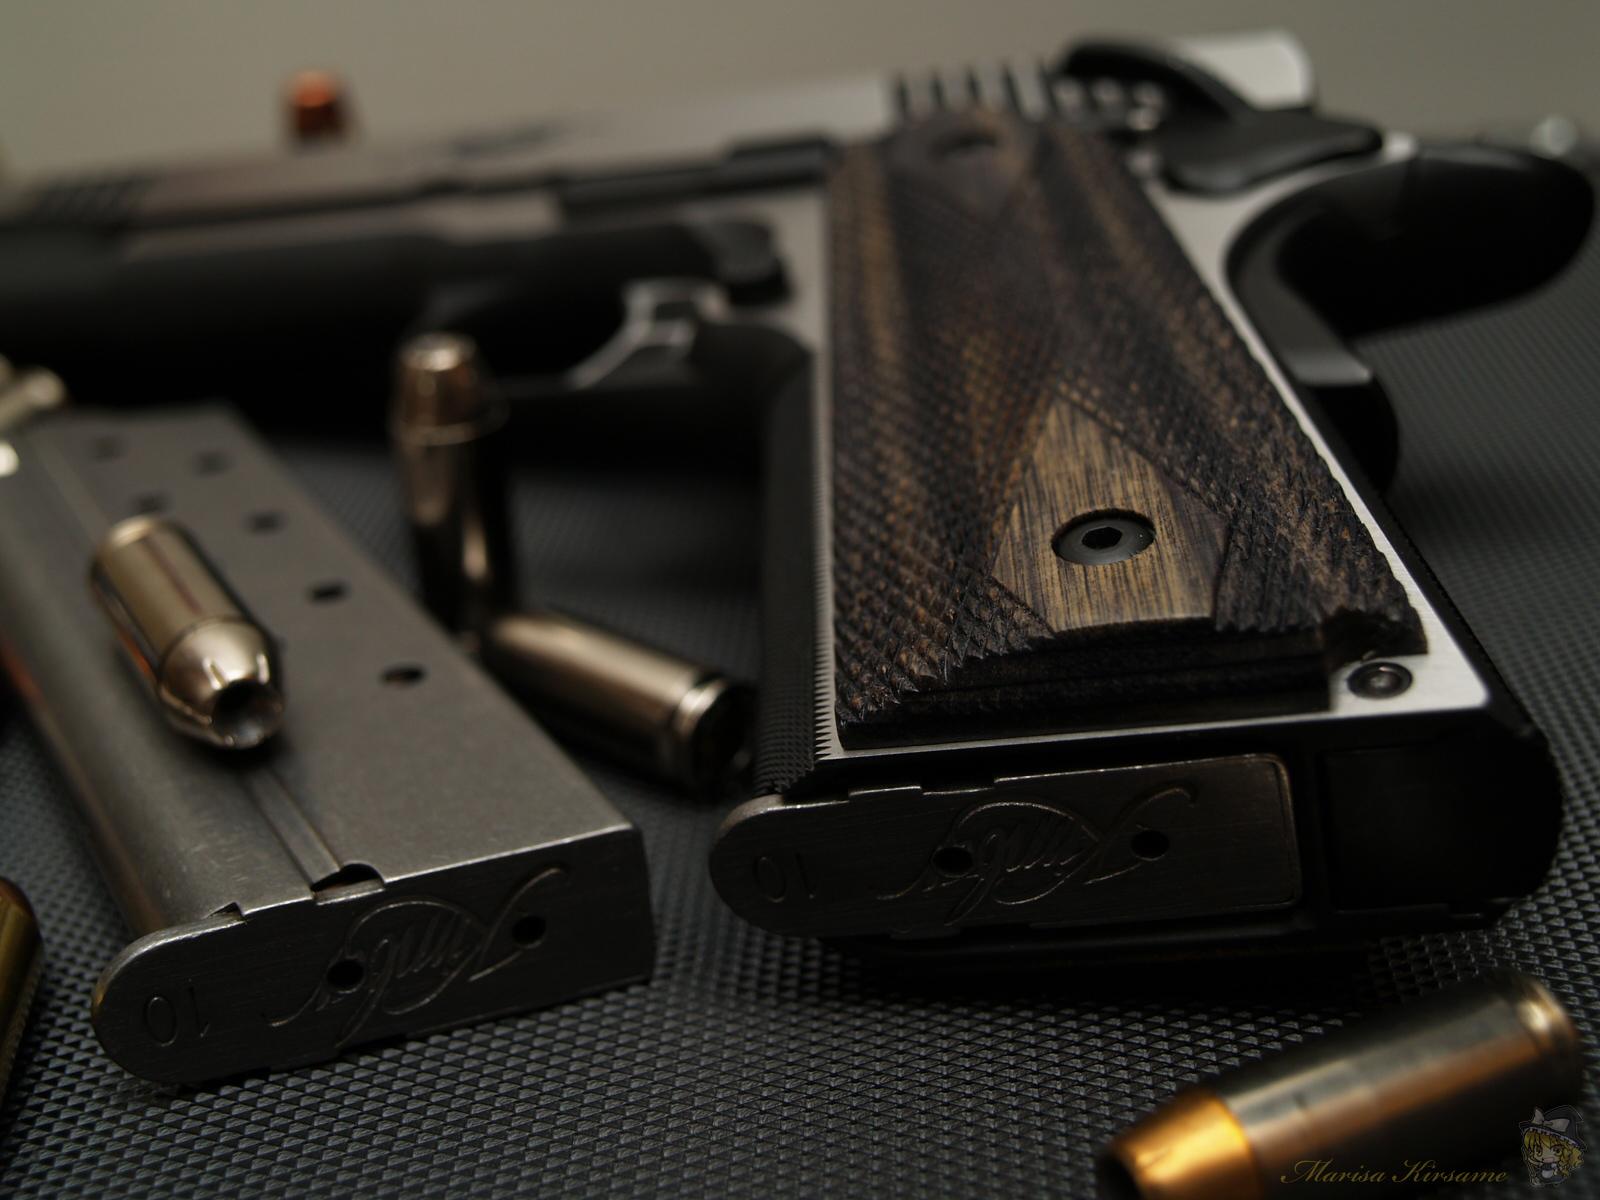 pistols guns weapons ammunition 1911 hollow point near desktop 1600x1200